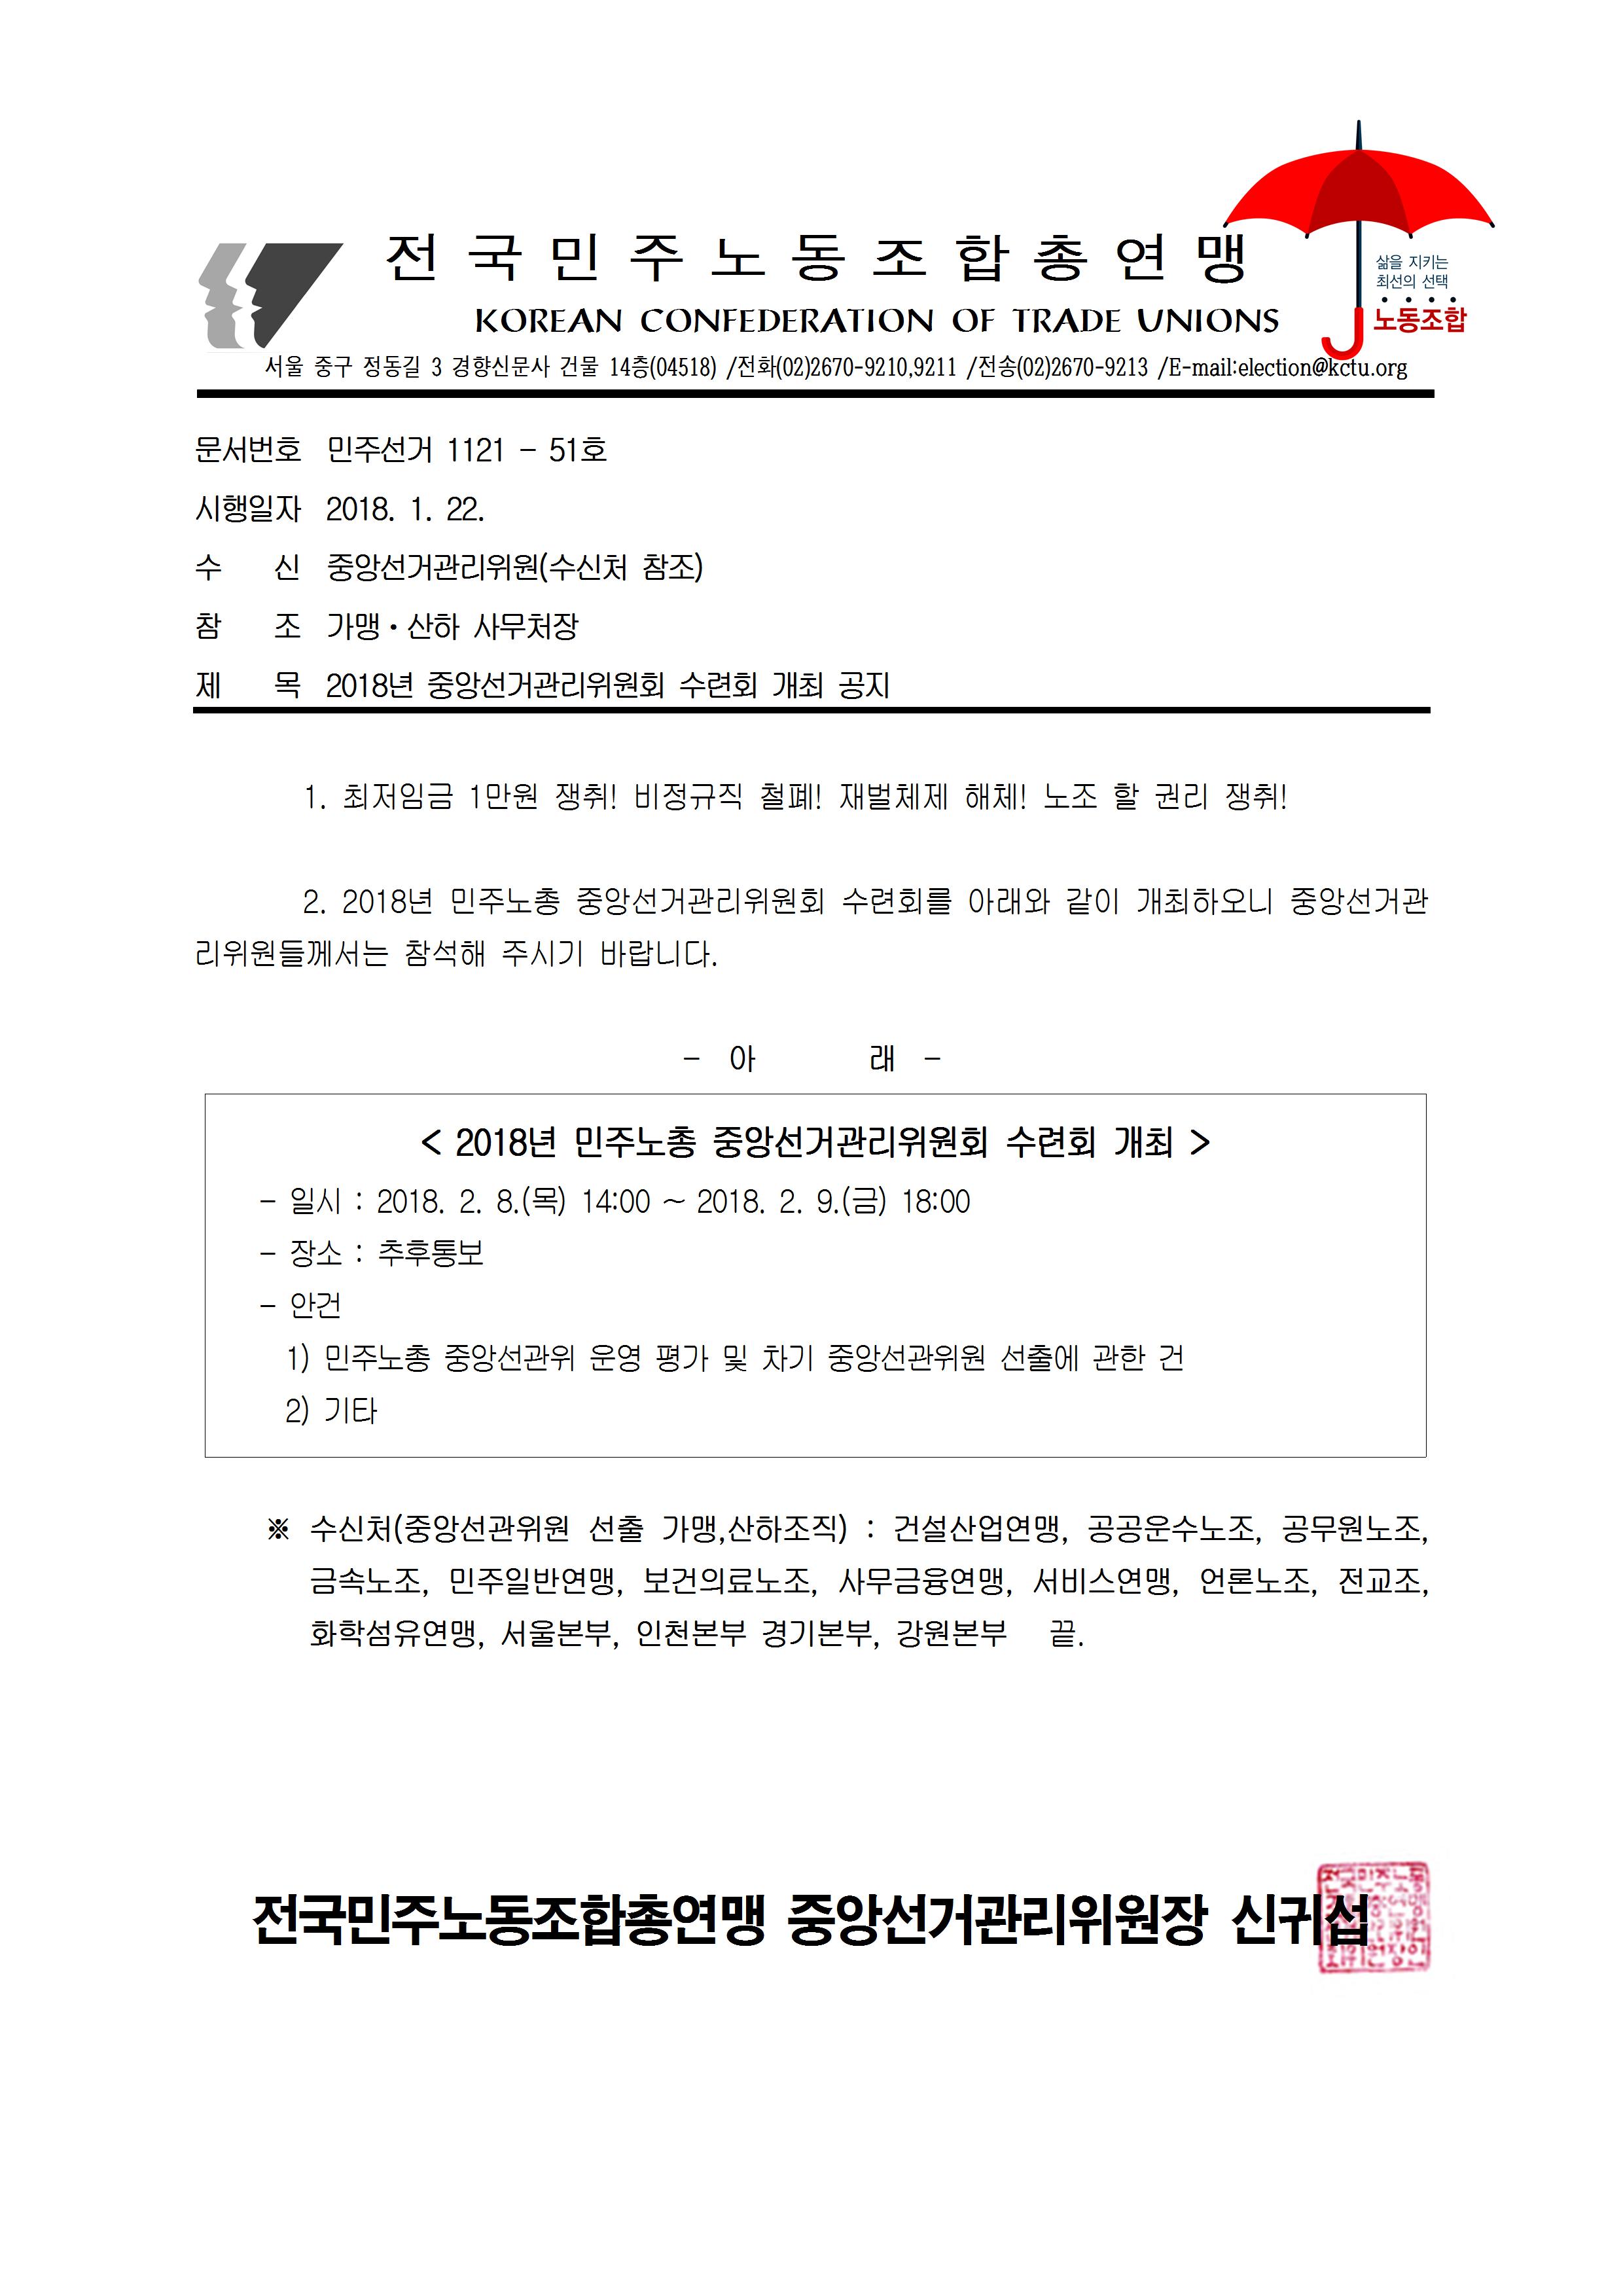 18kctu51_[공문] 2018년 중앙선거관리위원회 수련회 개최 공지_180122.png